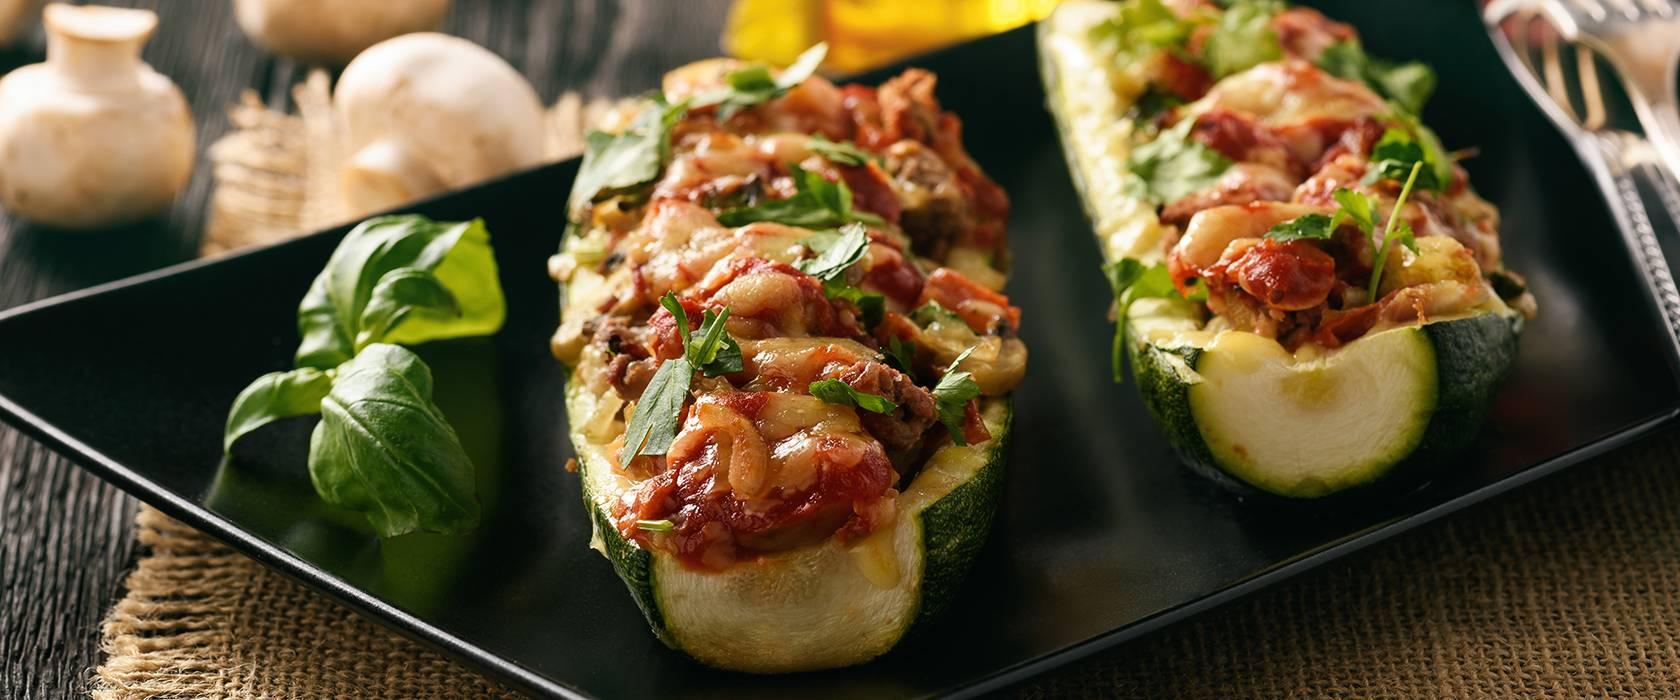 Лодочки из кабачка с начинкой в духовке - 11 пошаговых фото в рецепте